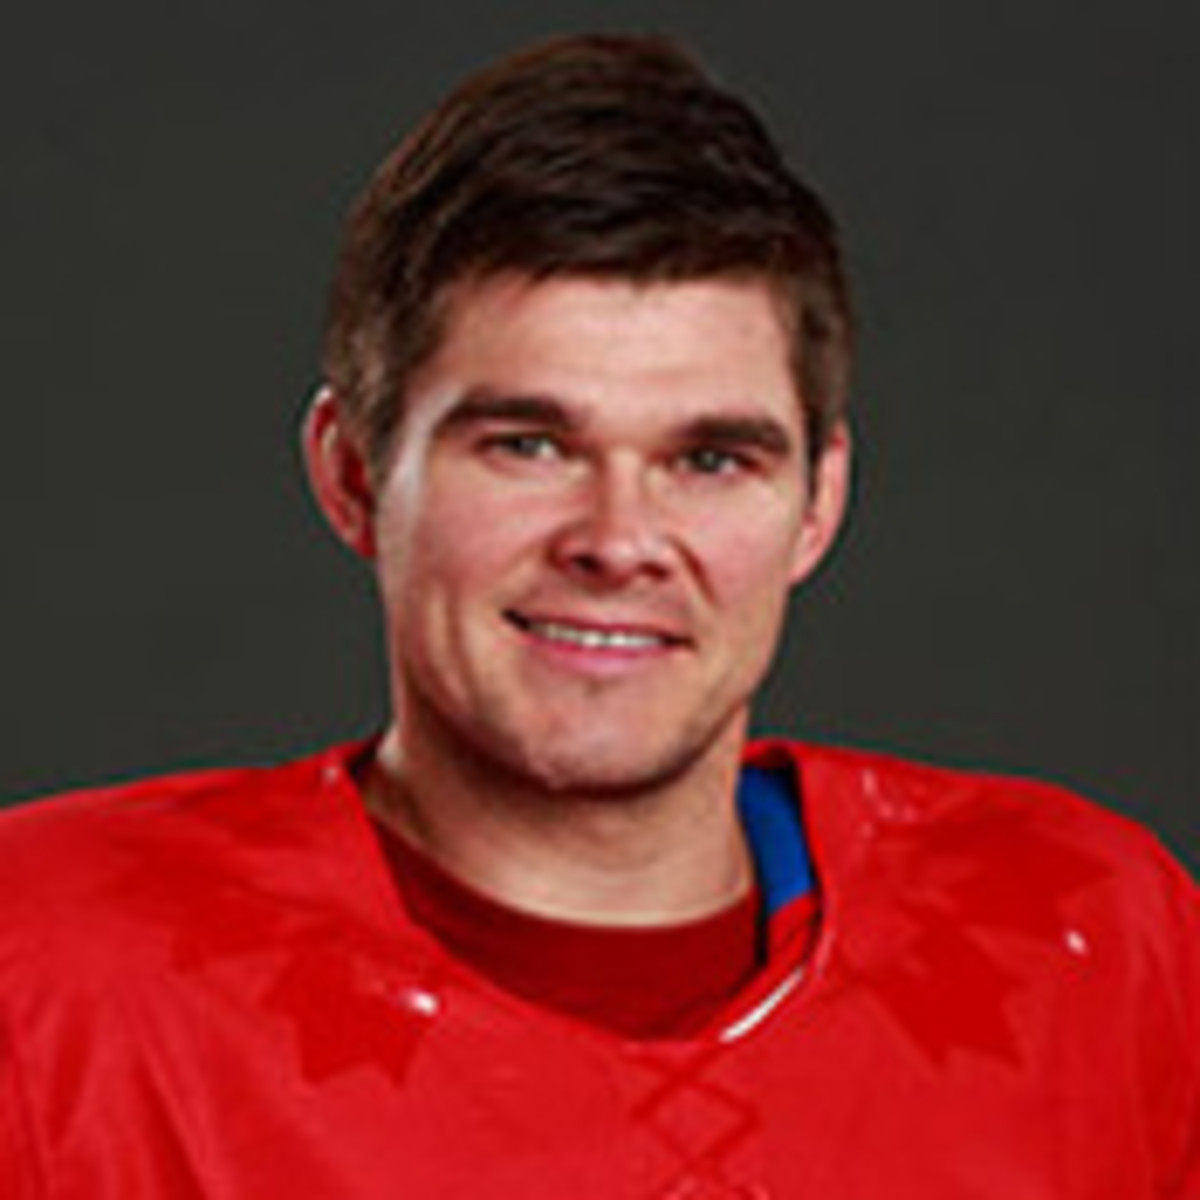 2014 canada men's hockey olympics chris kunitz